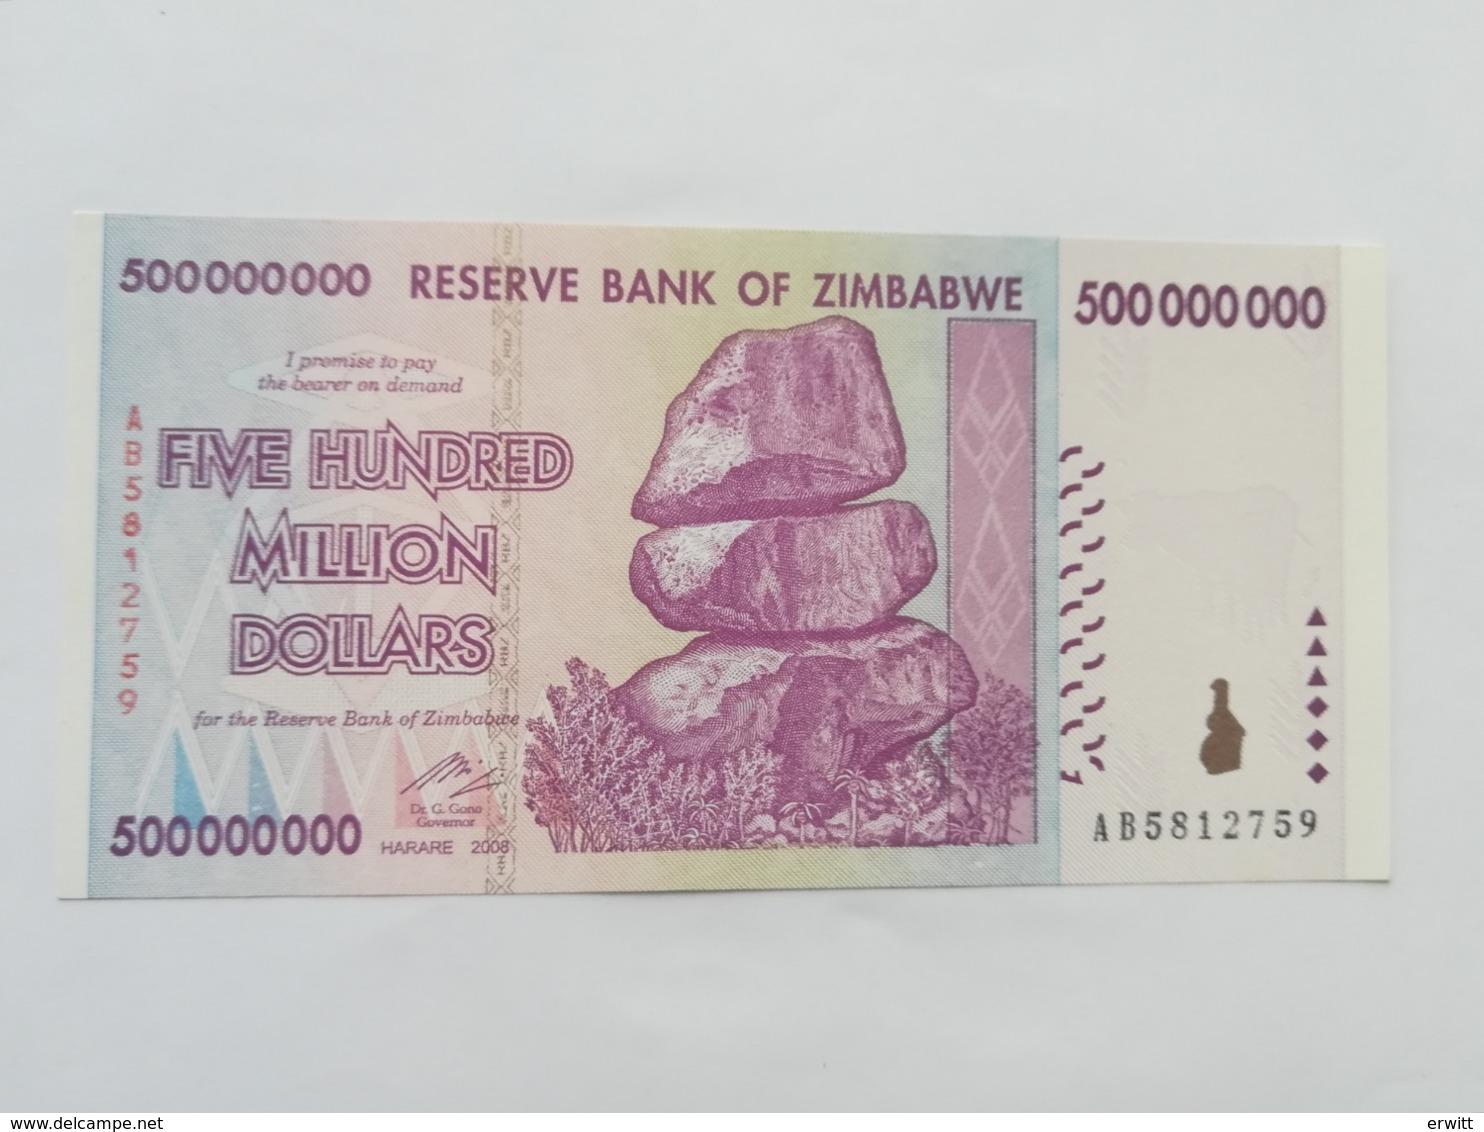 ZIMBABWE 500000000 DOLLARS 2008 - Zimbabwe